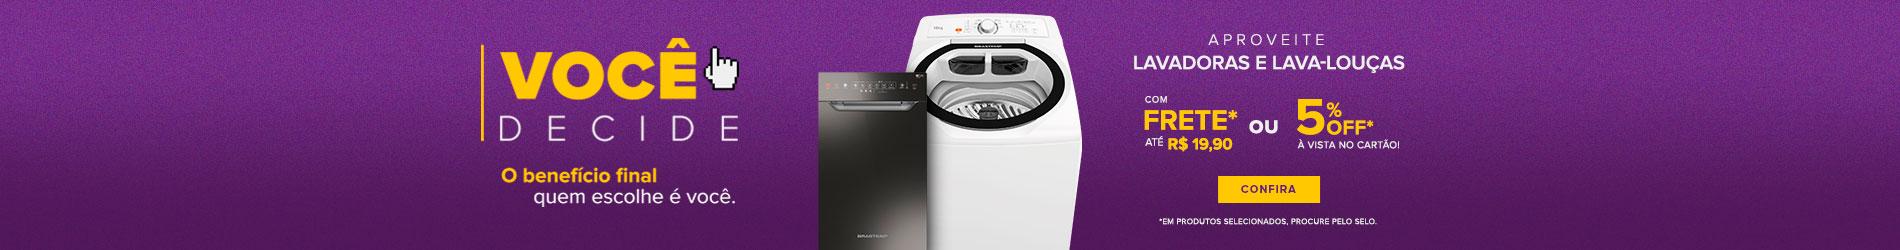 Promoção Interna - 2591 - camp-vocedecide_lavadoras_17072018_home6 - lavadoras - 6